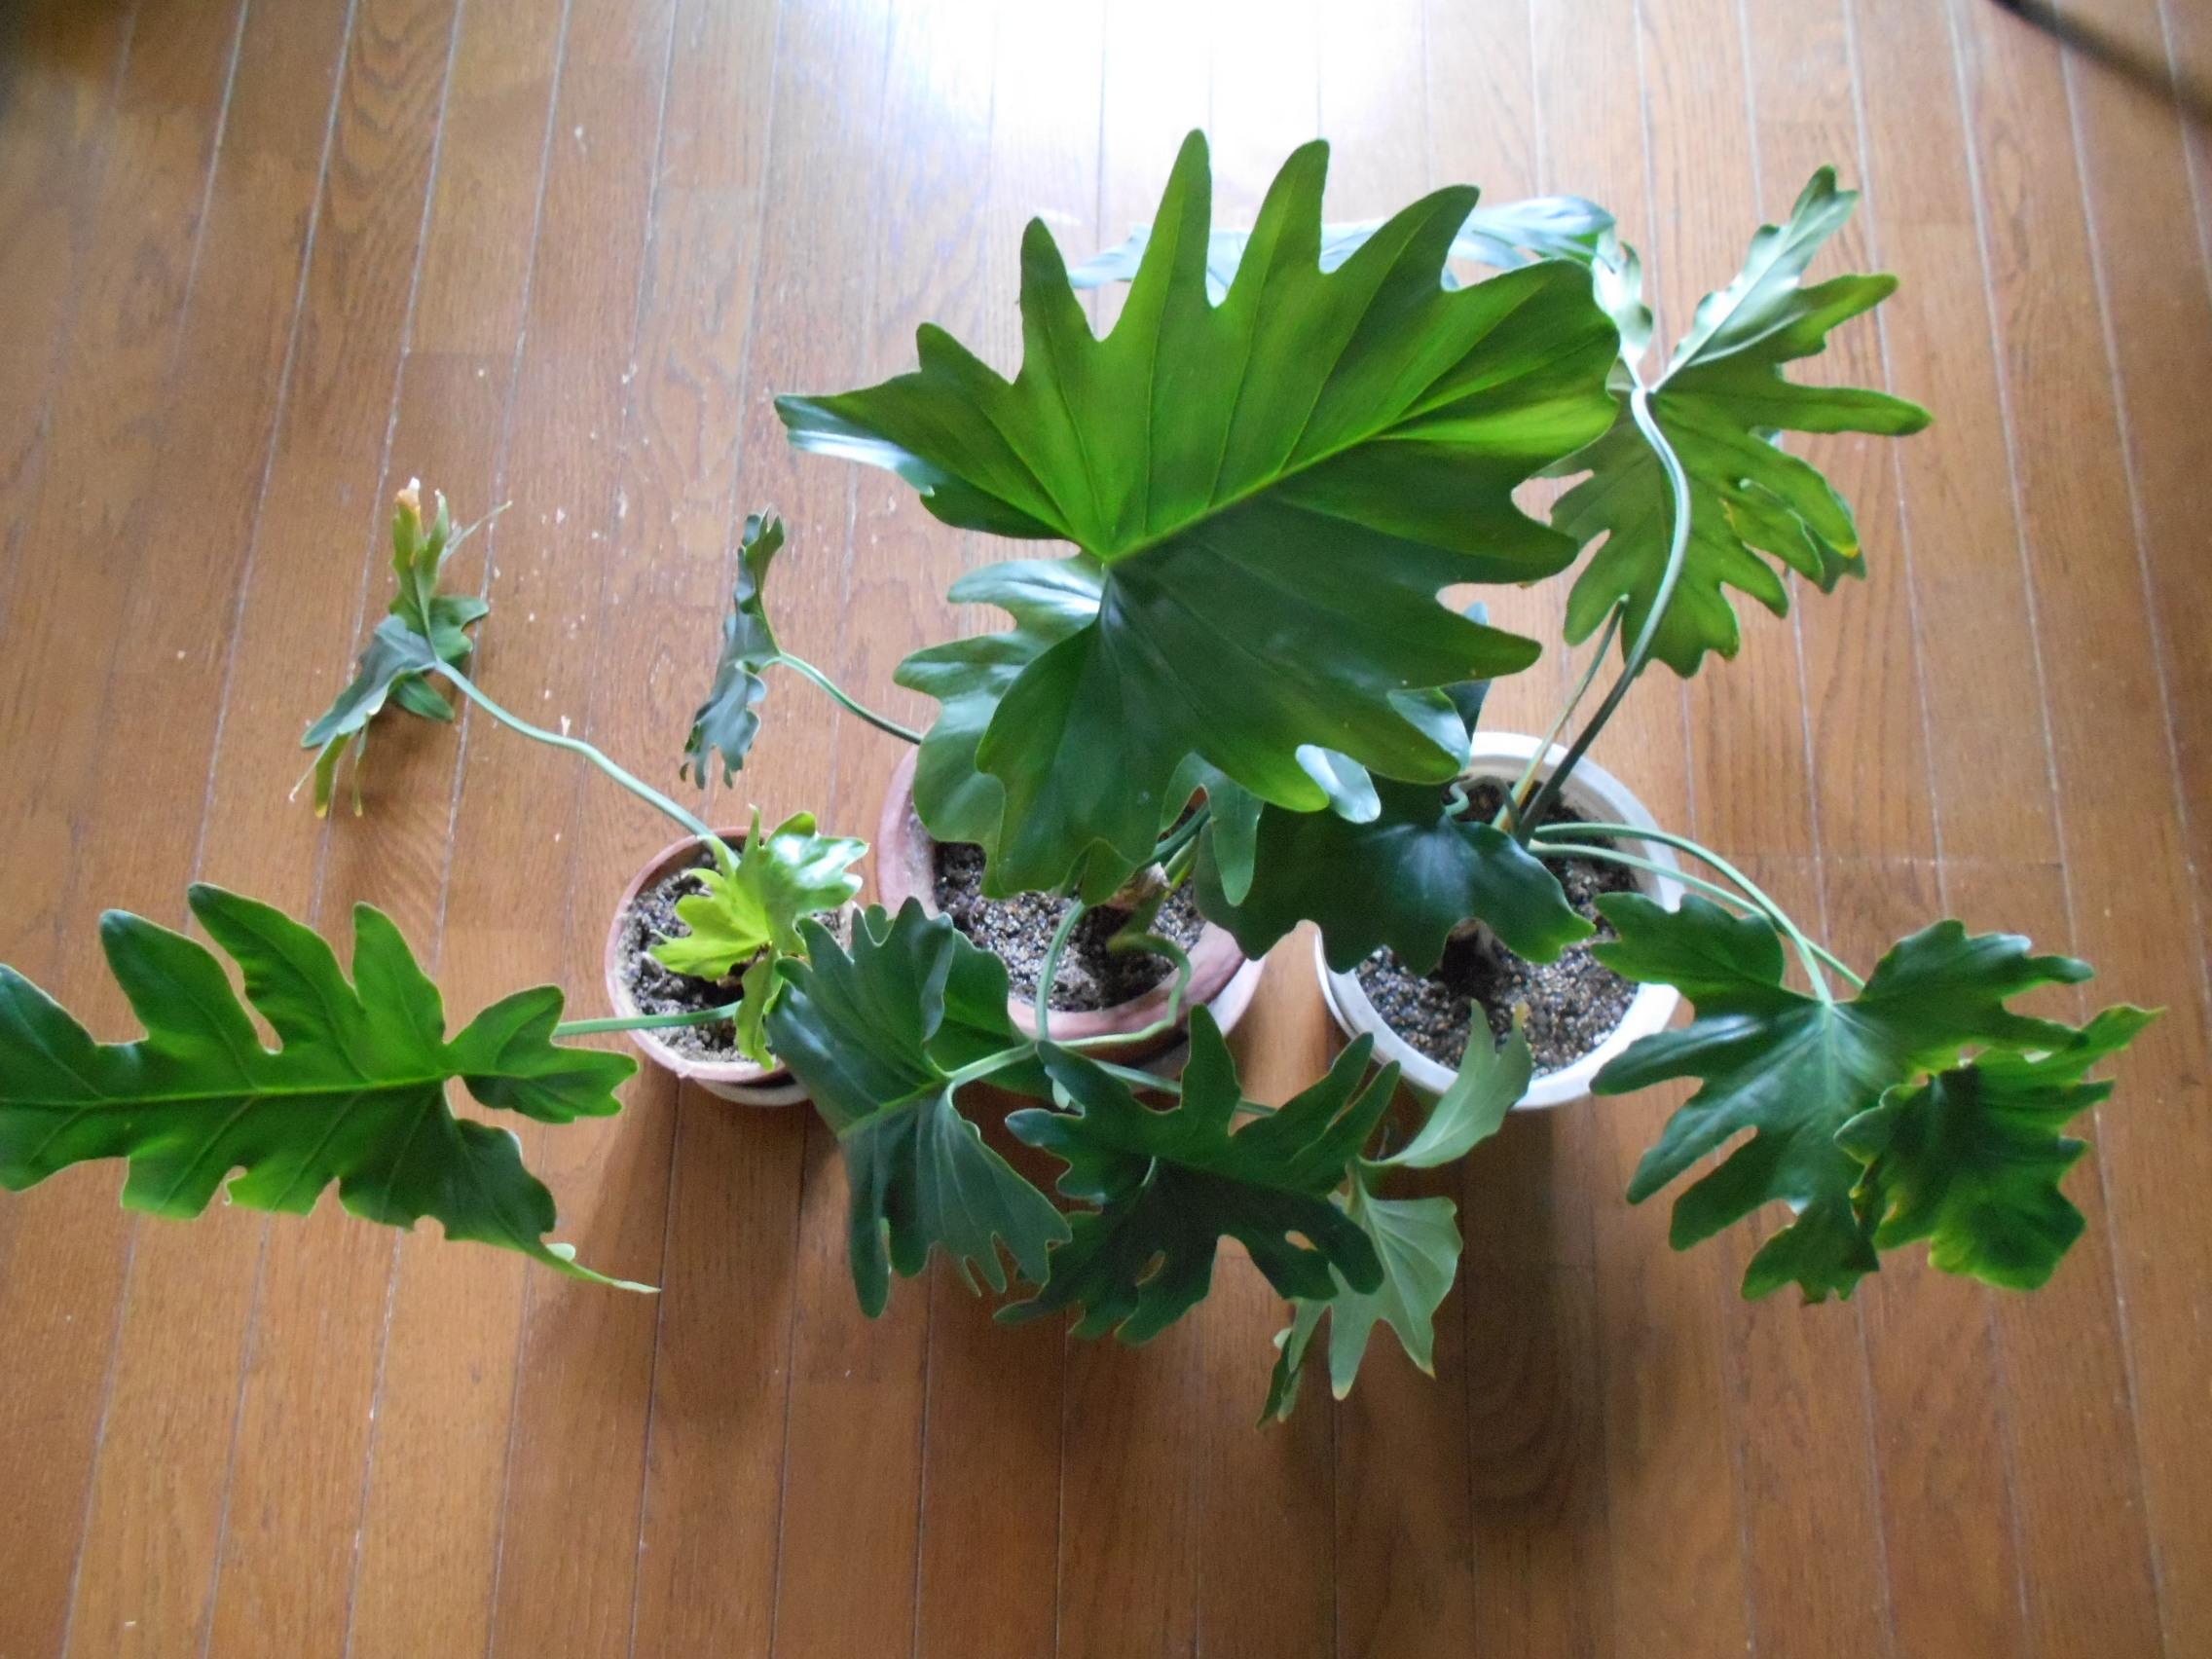 観葉植物「セローム」の育て方!剪定や挿し木の仕方など管理のコツを解説!